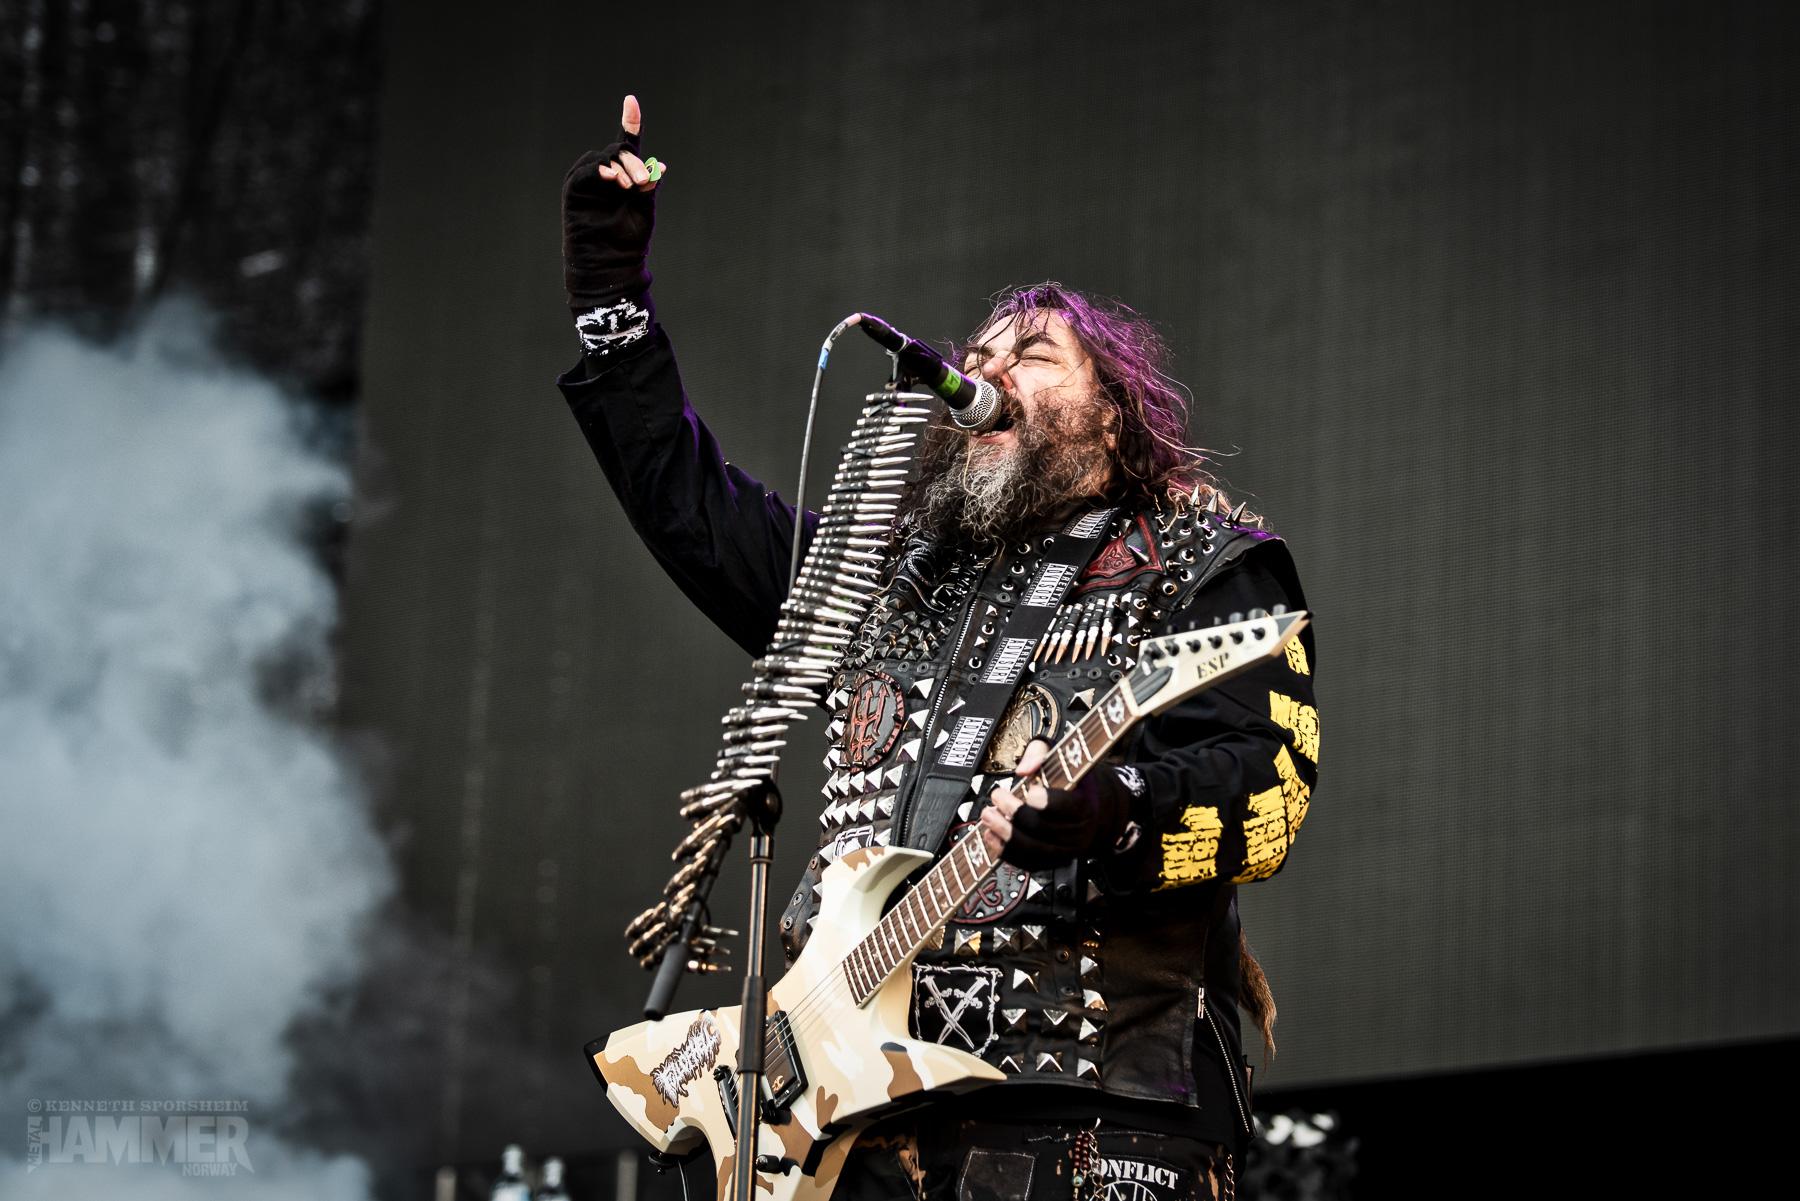 Max Cavalera og Soulfly på Tons of Rock (Foto: Kenneth Sporsheim)